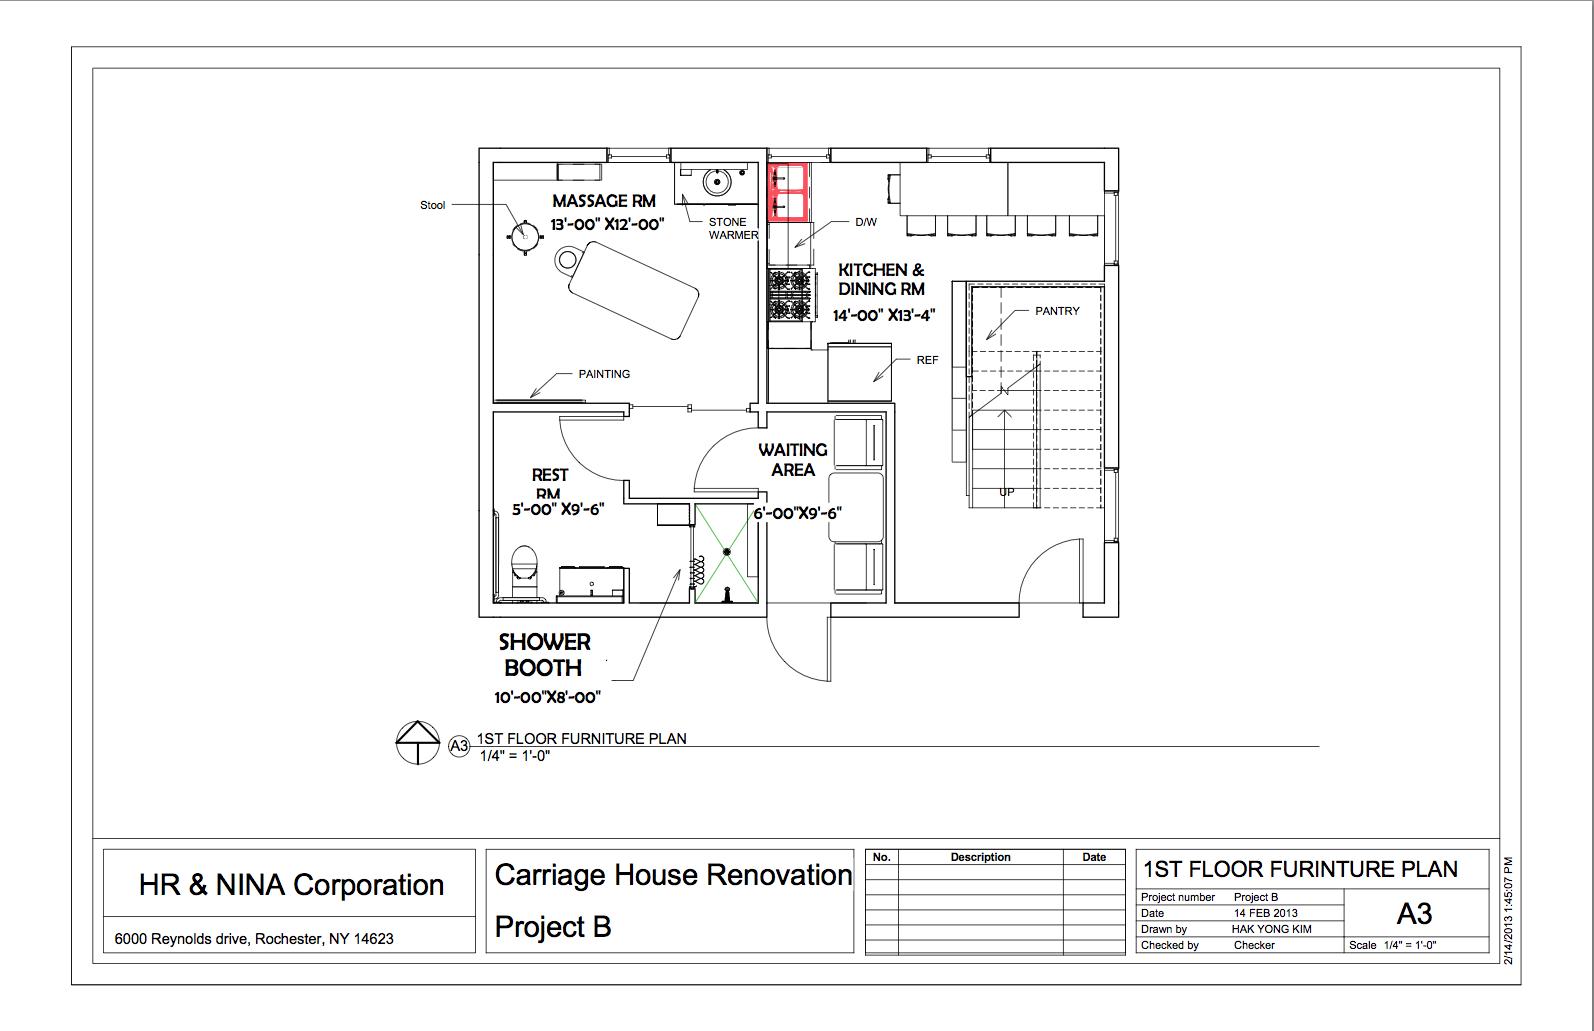 1st floor furniture layout plan portfolio revit pinterest 1st floor furniture layout plan